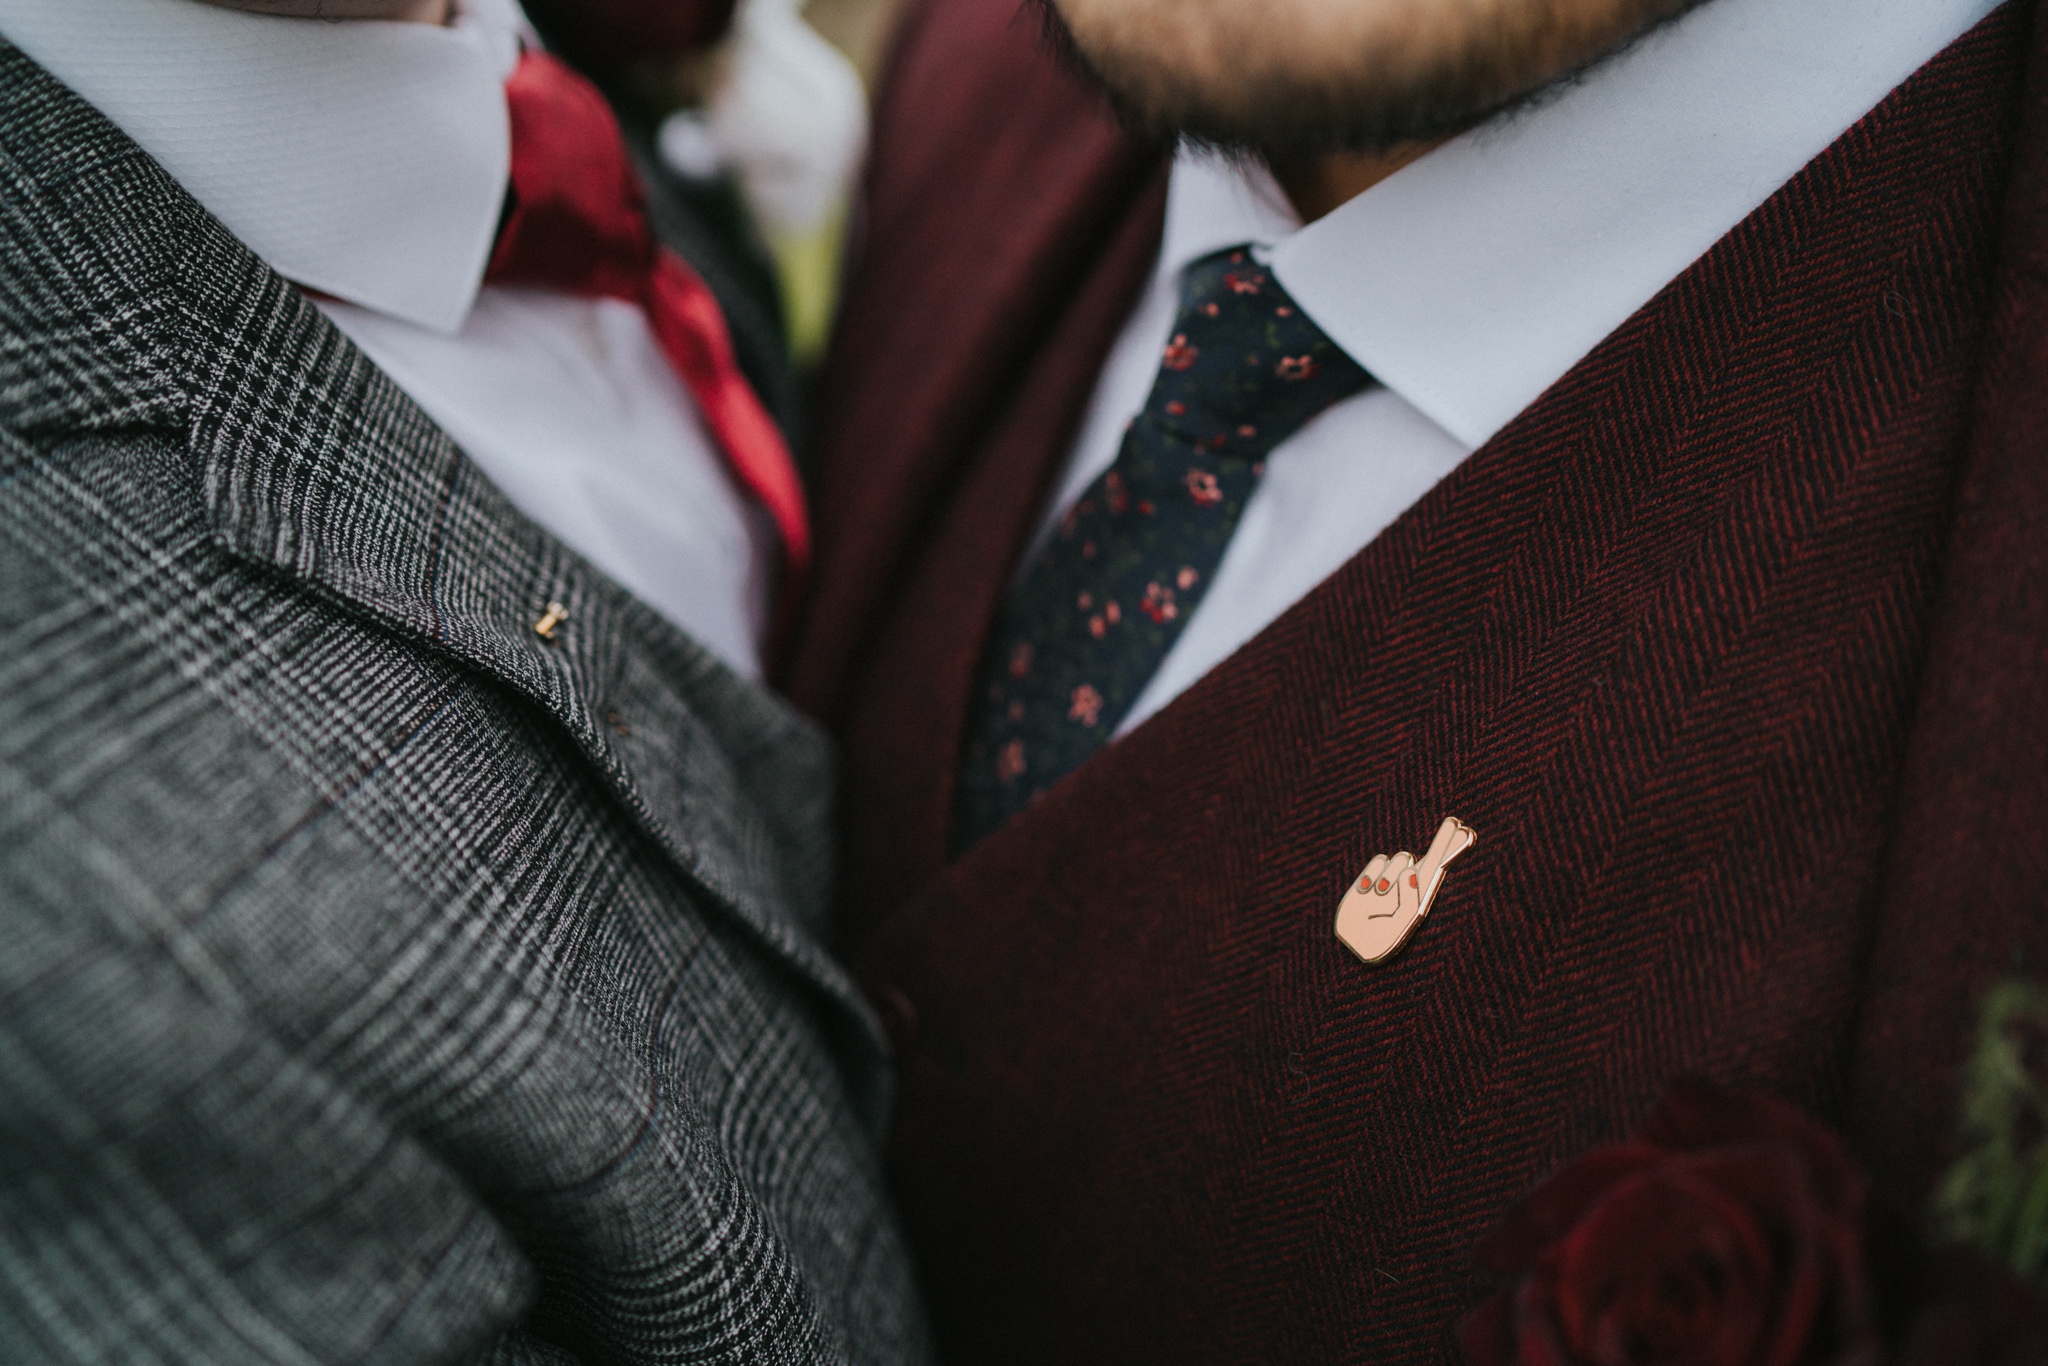 mark-laurence-crondon-park-same-sex-wedding-grace-elizabeth-colchester-essex-alternative-wedding-photographer-suffolk-norfolk-devon (19 of 33).jpg